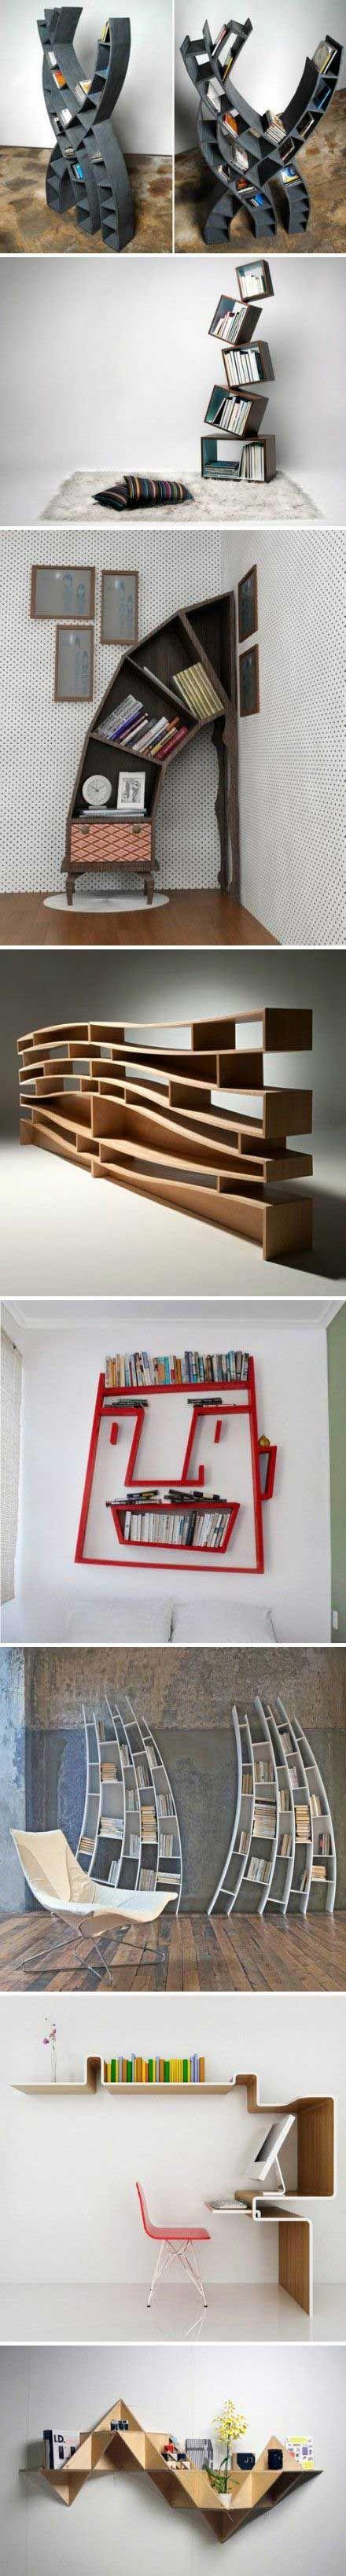 Unique DIY Book Shelves Ideas - All Natural & Good